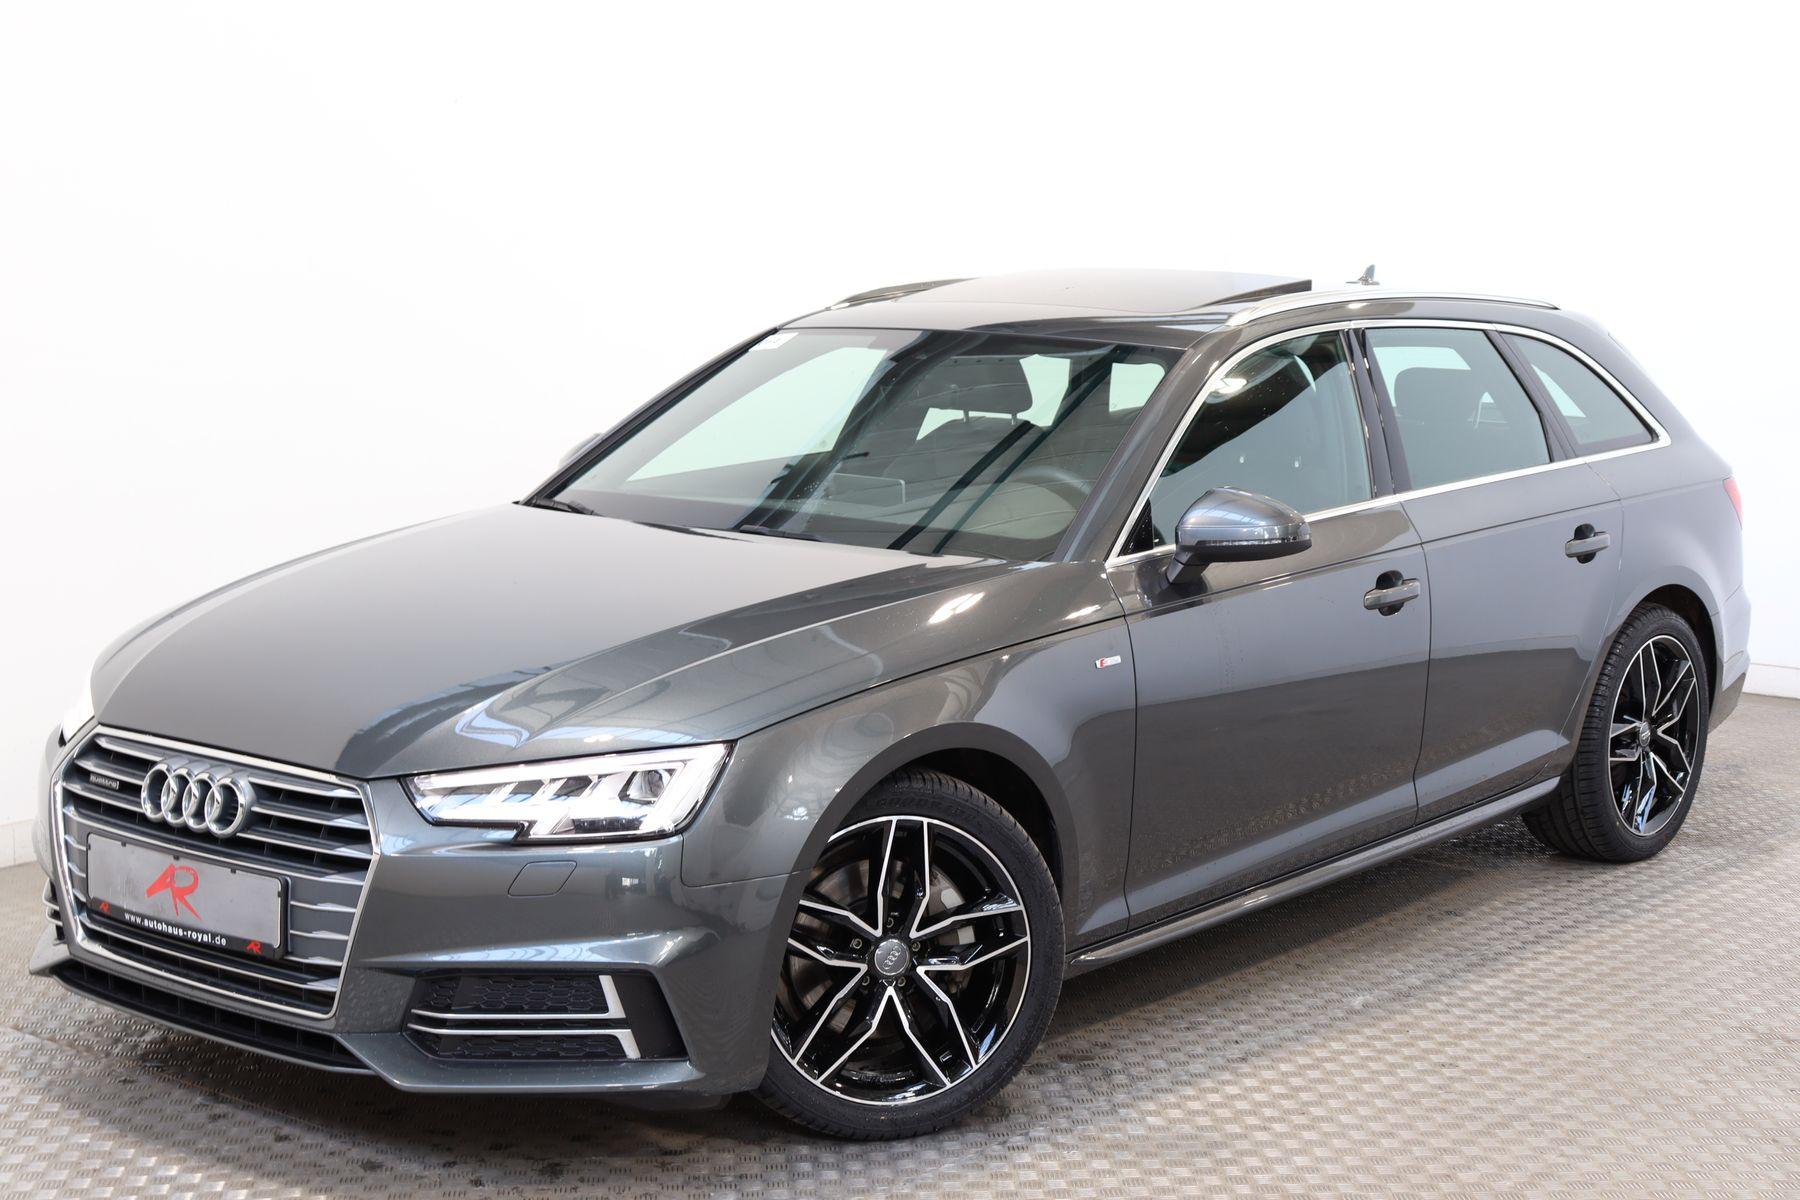 Audi A4 Avant 3.0 TDI qu 3x S LINE SPORT MATRIX,PANO, Jahr 2018, Diesel